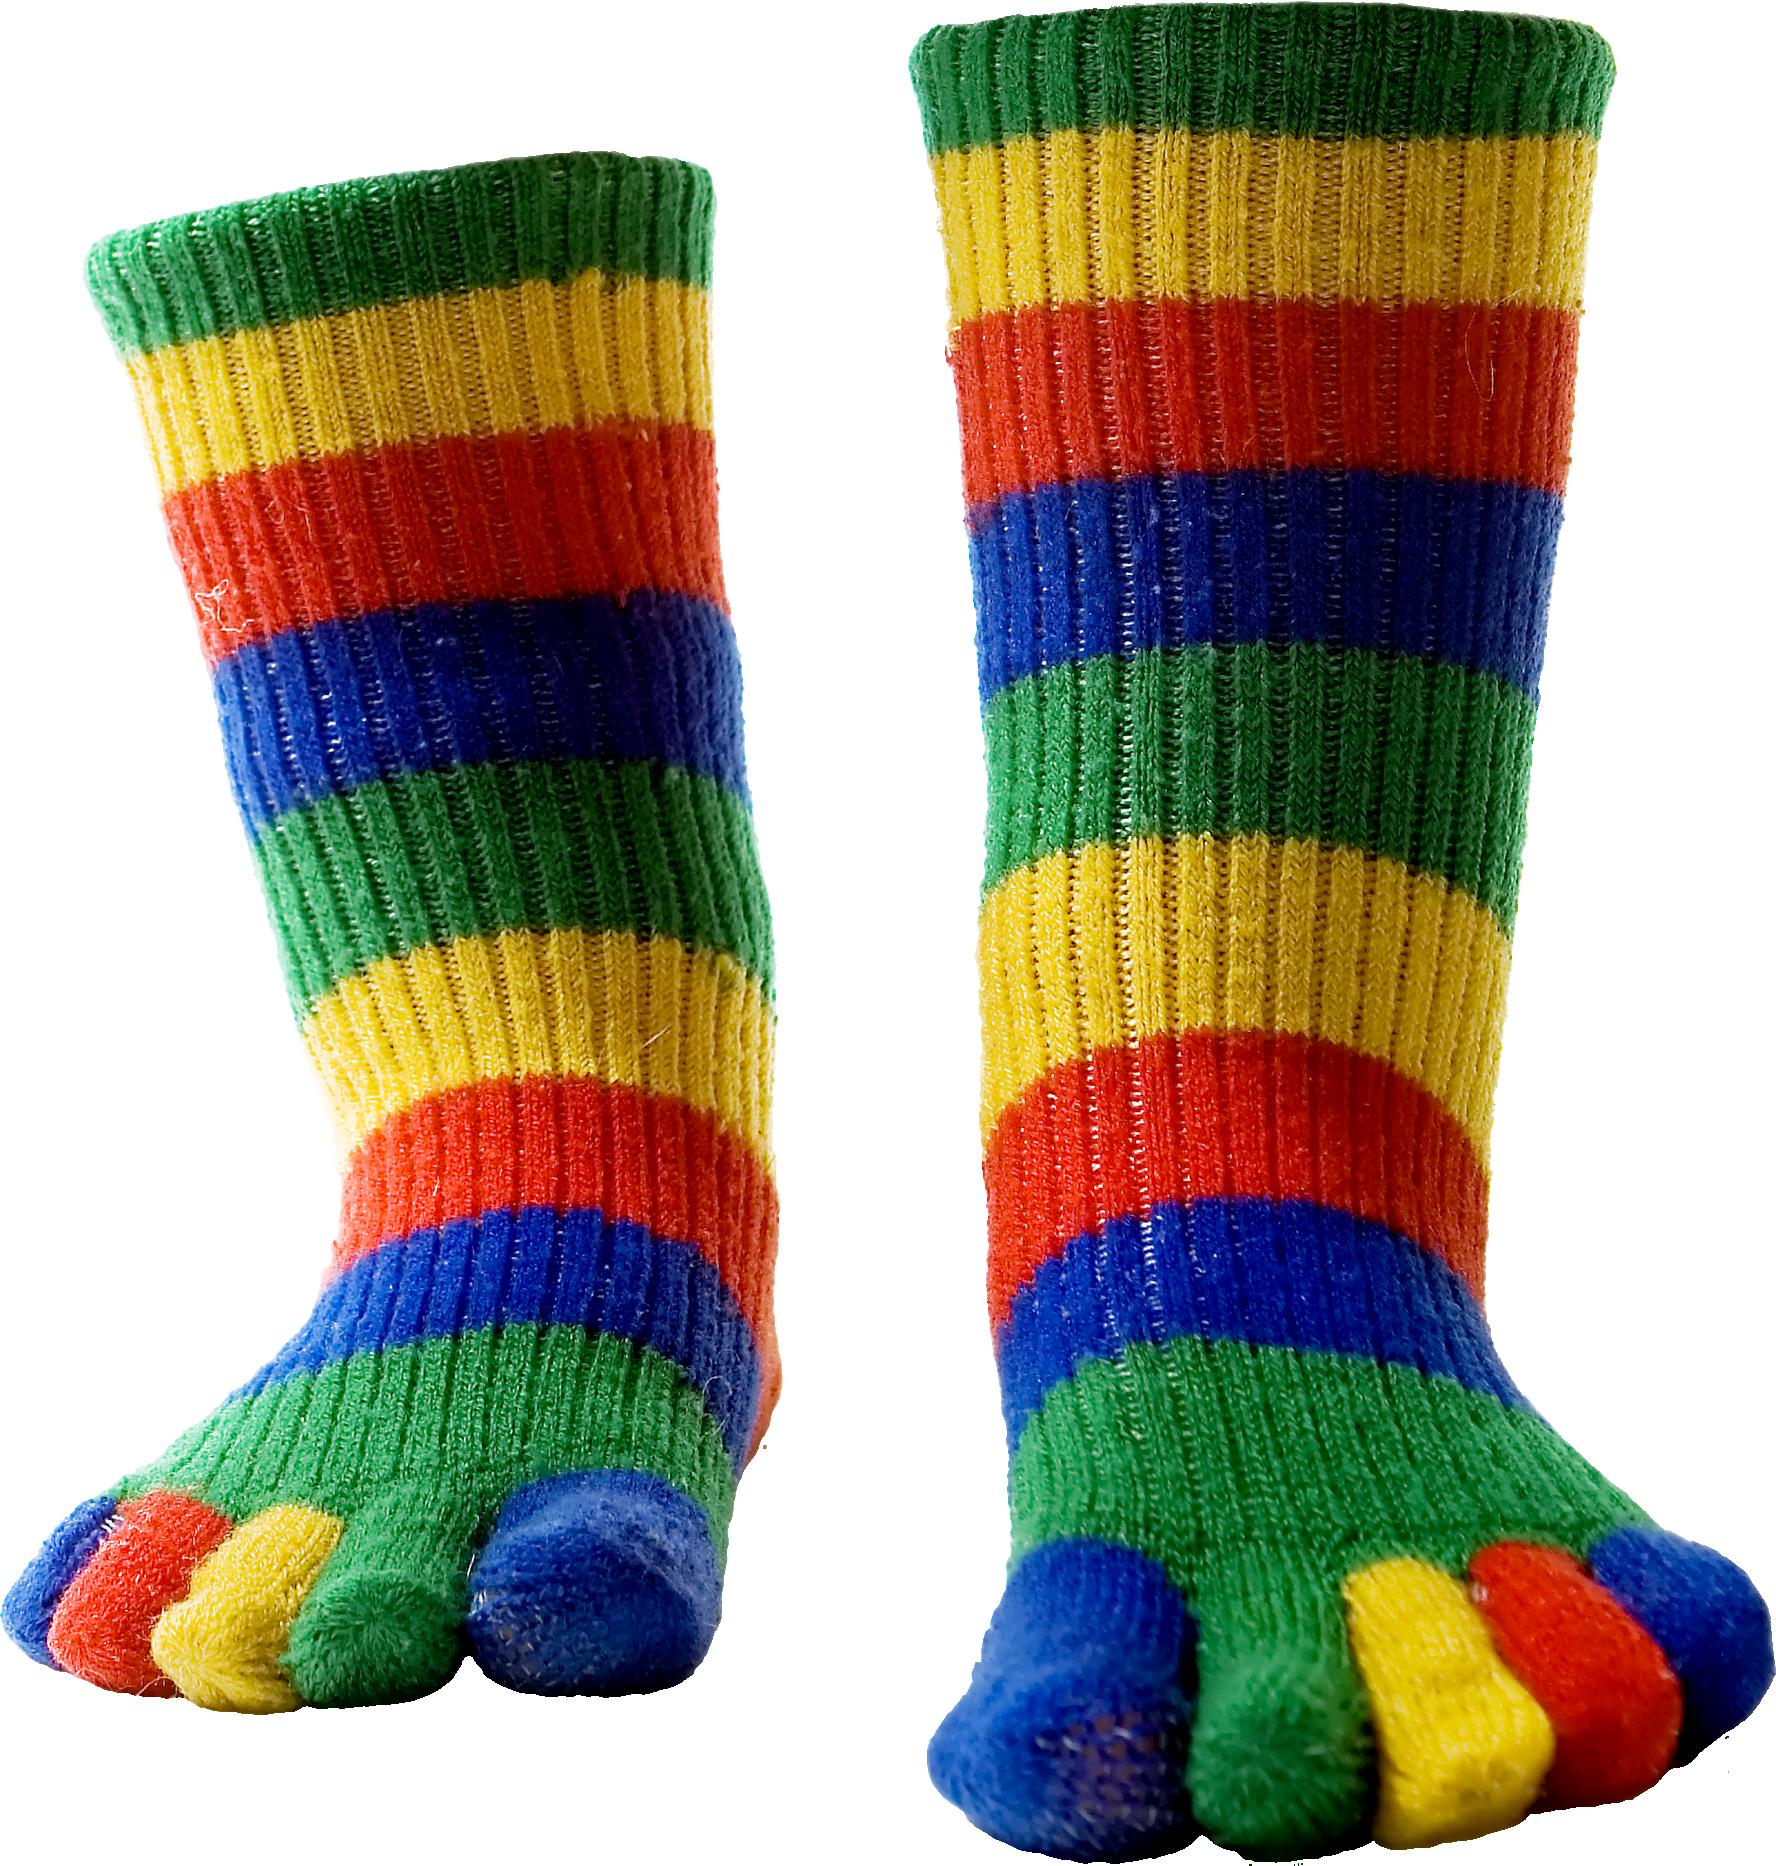 Socks PNG Image Colorful socks, Socks, Designer socks